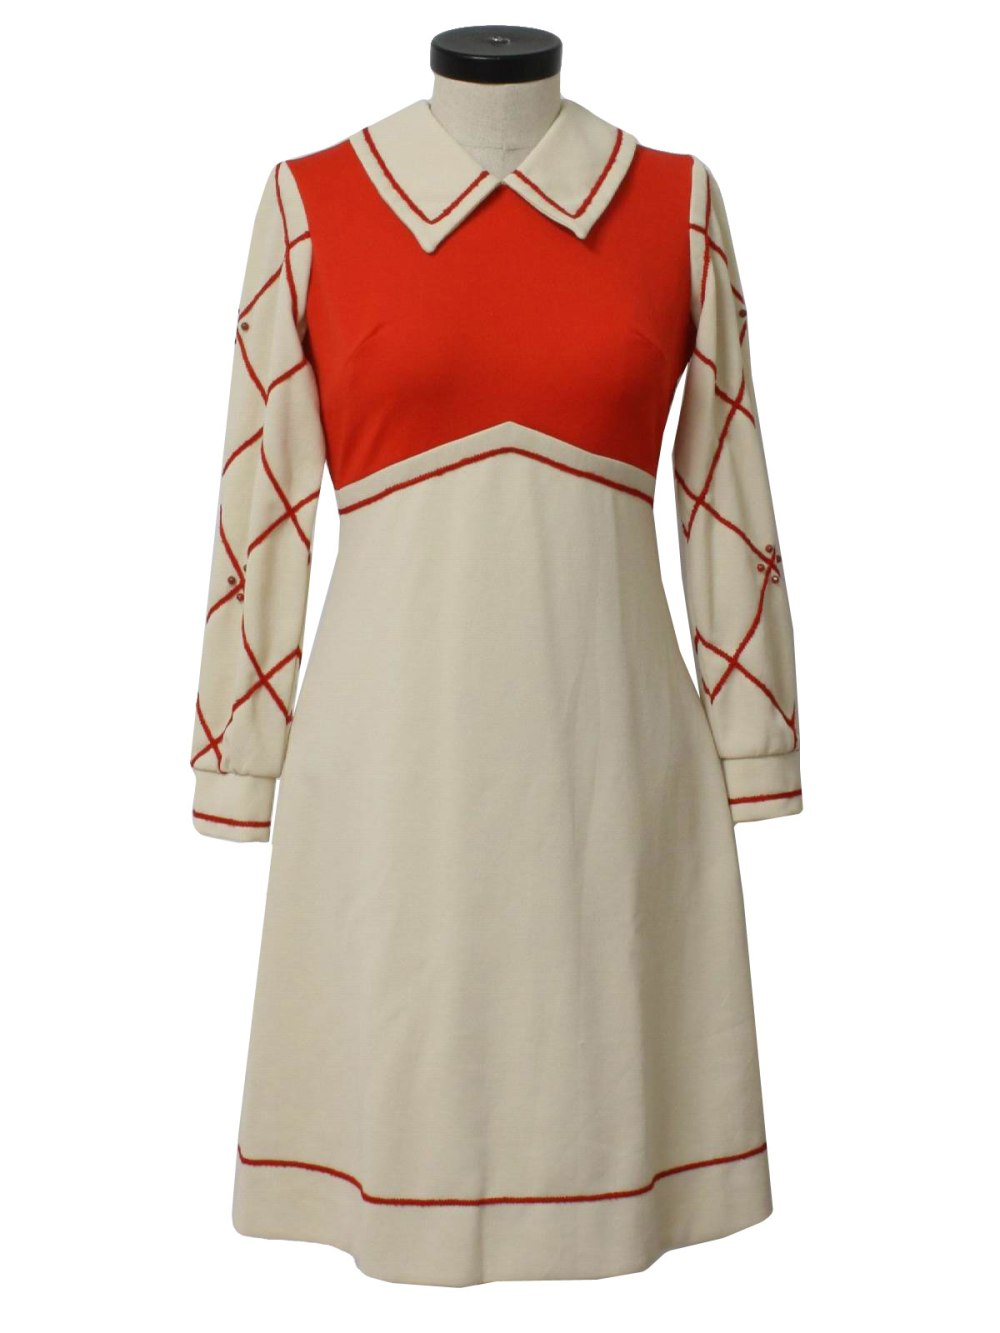 70s knit dress